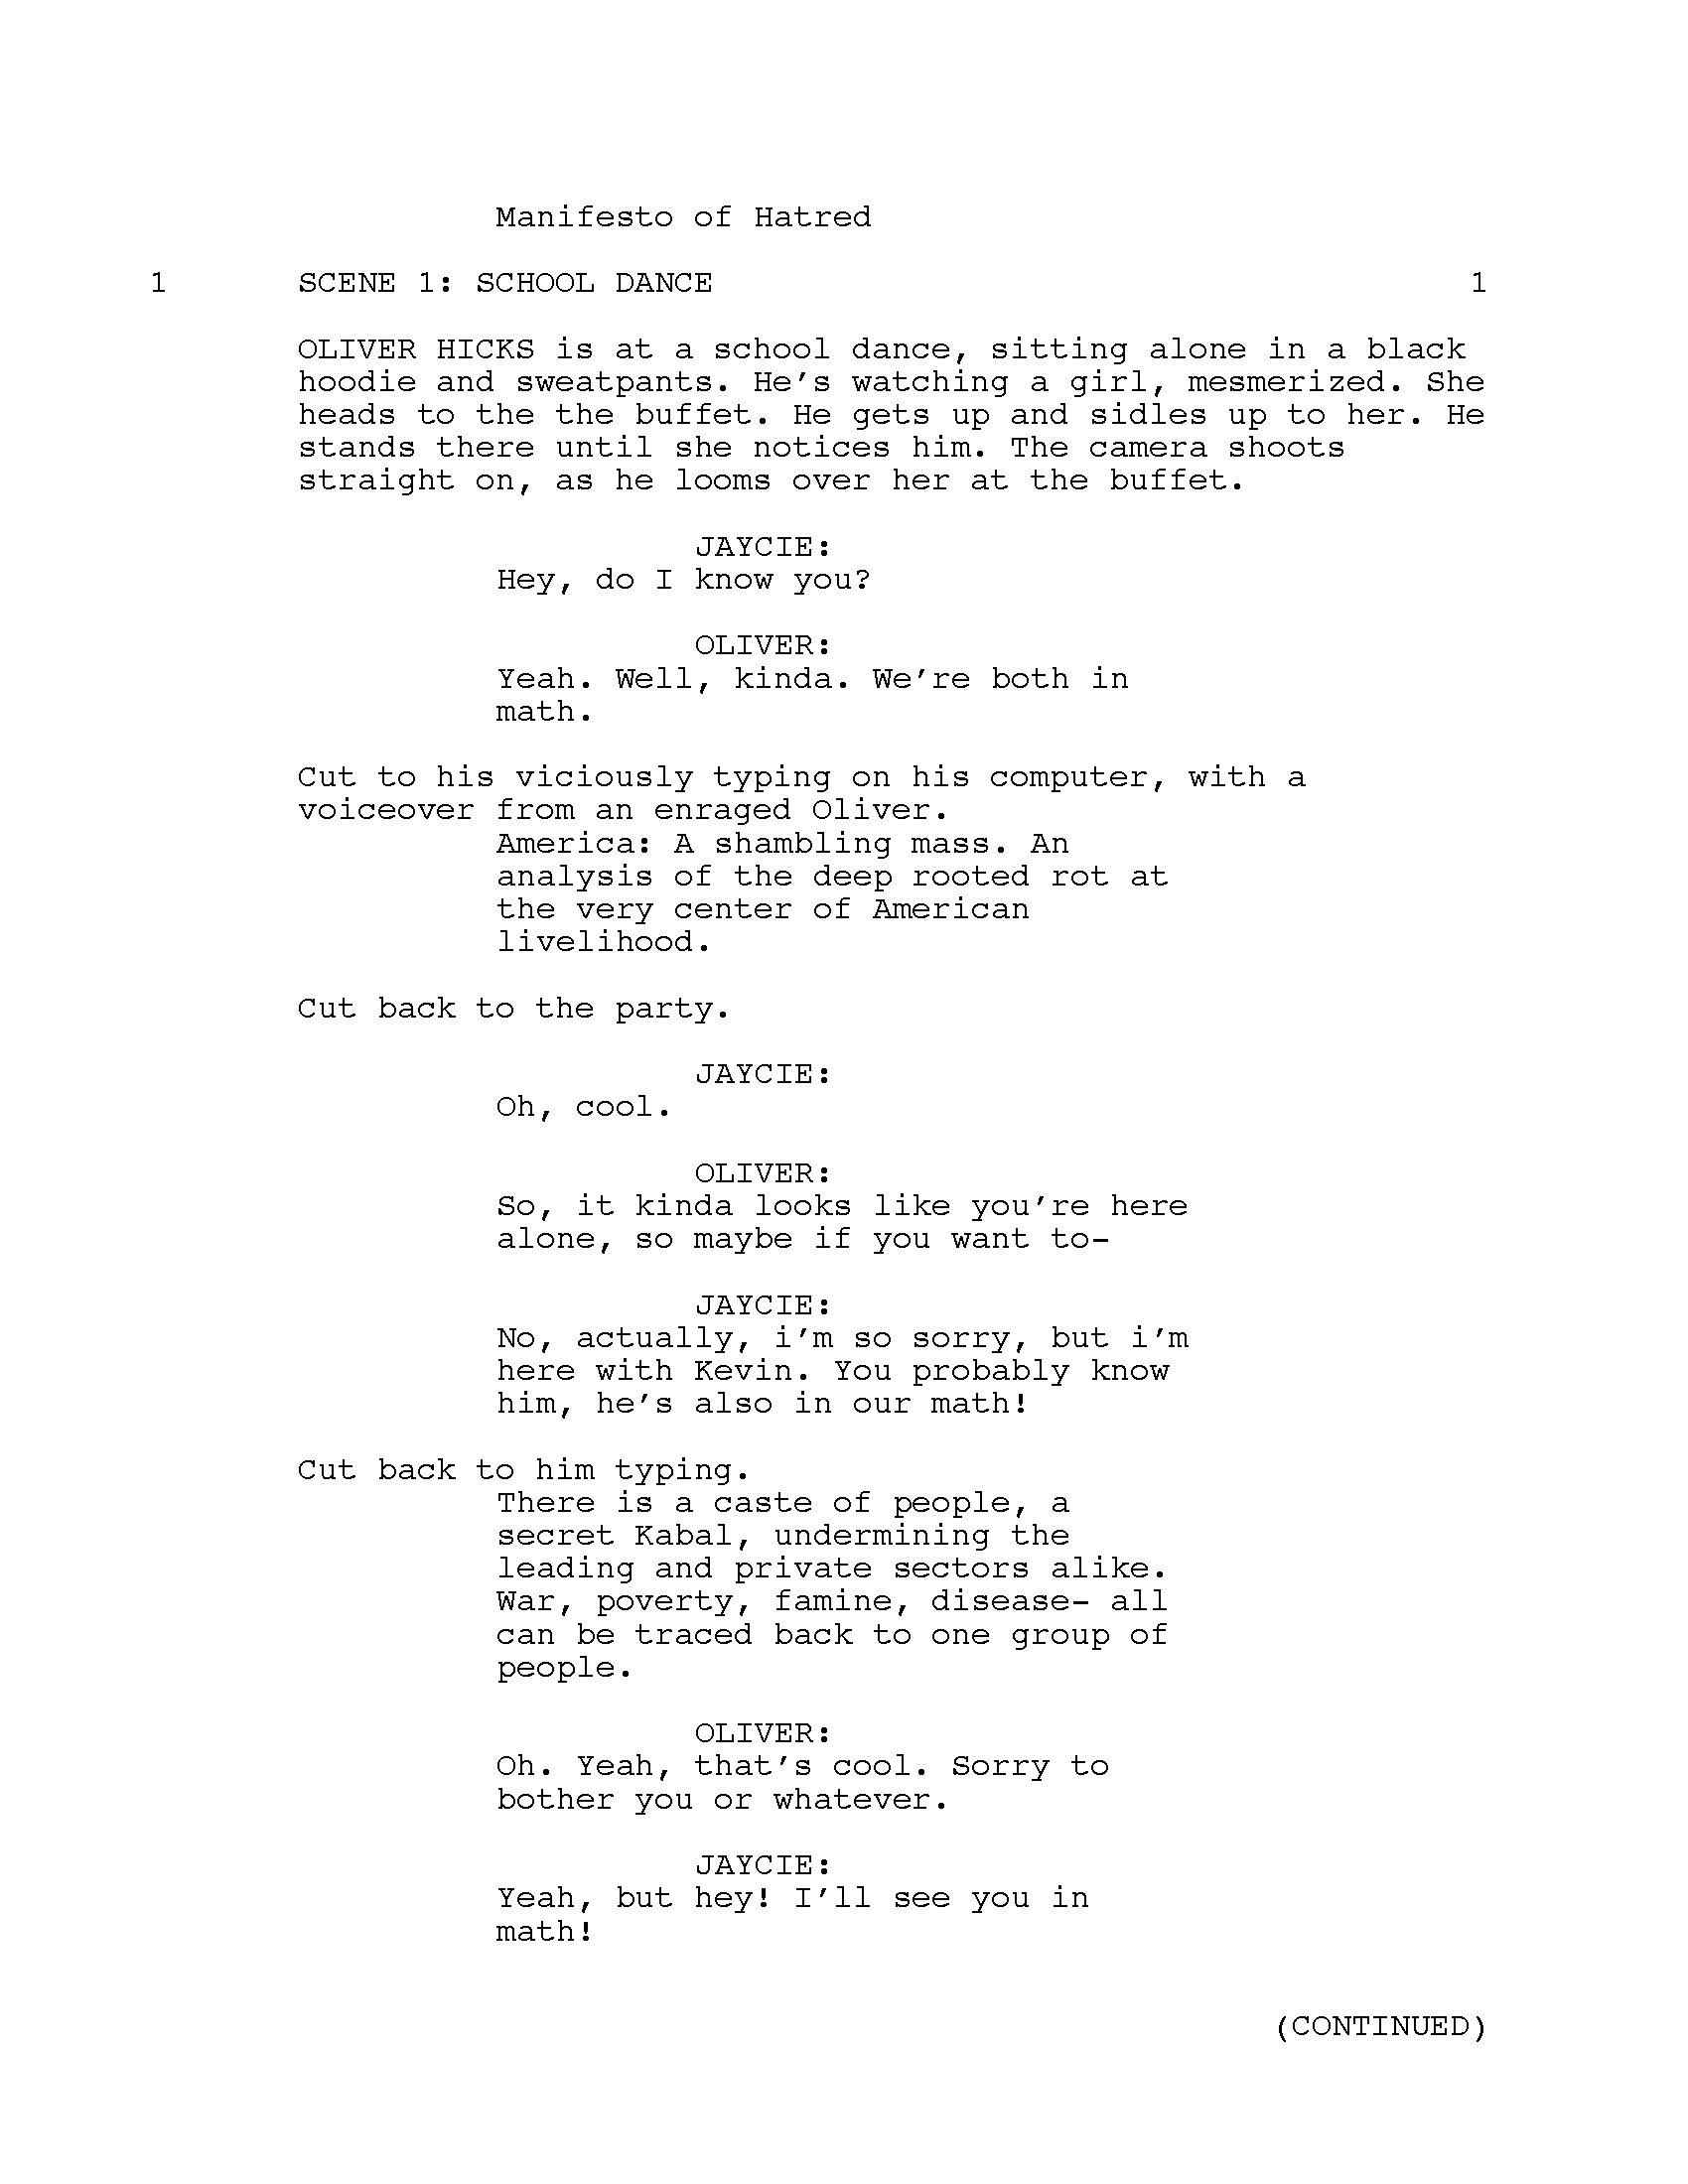 Script Manifesto of Hate (1)_Page_1.jpg